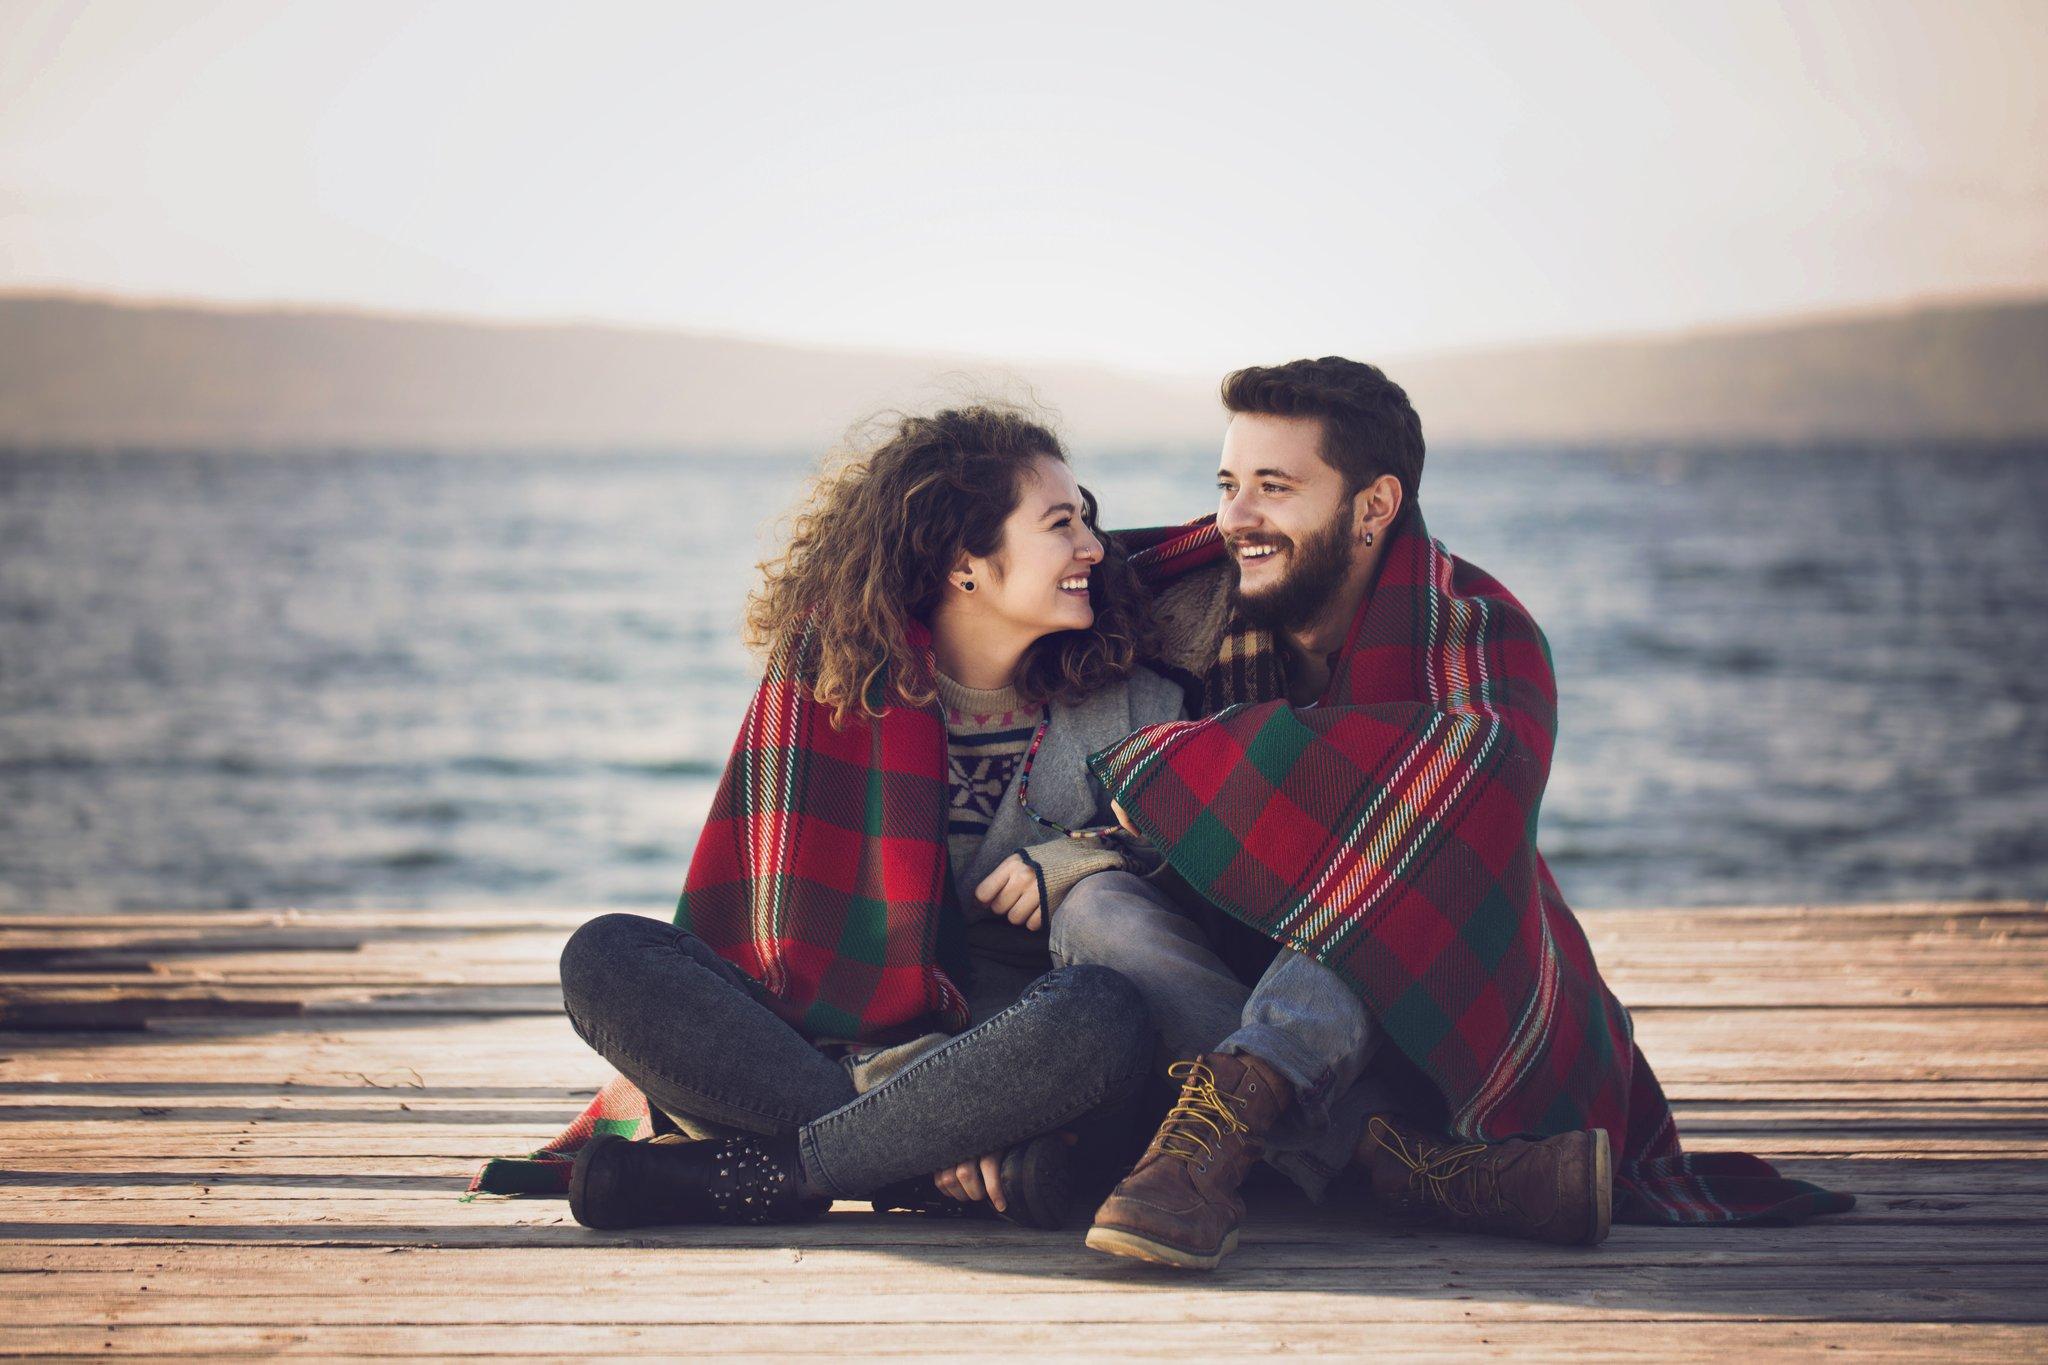 صور صور رومانسيه للعشاق , اجمل تصاميم عاطفية عن الحب